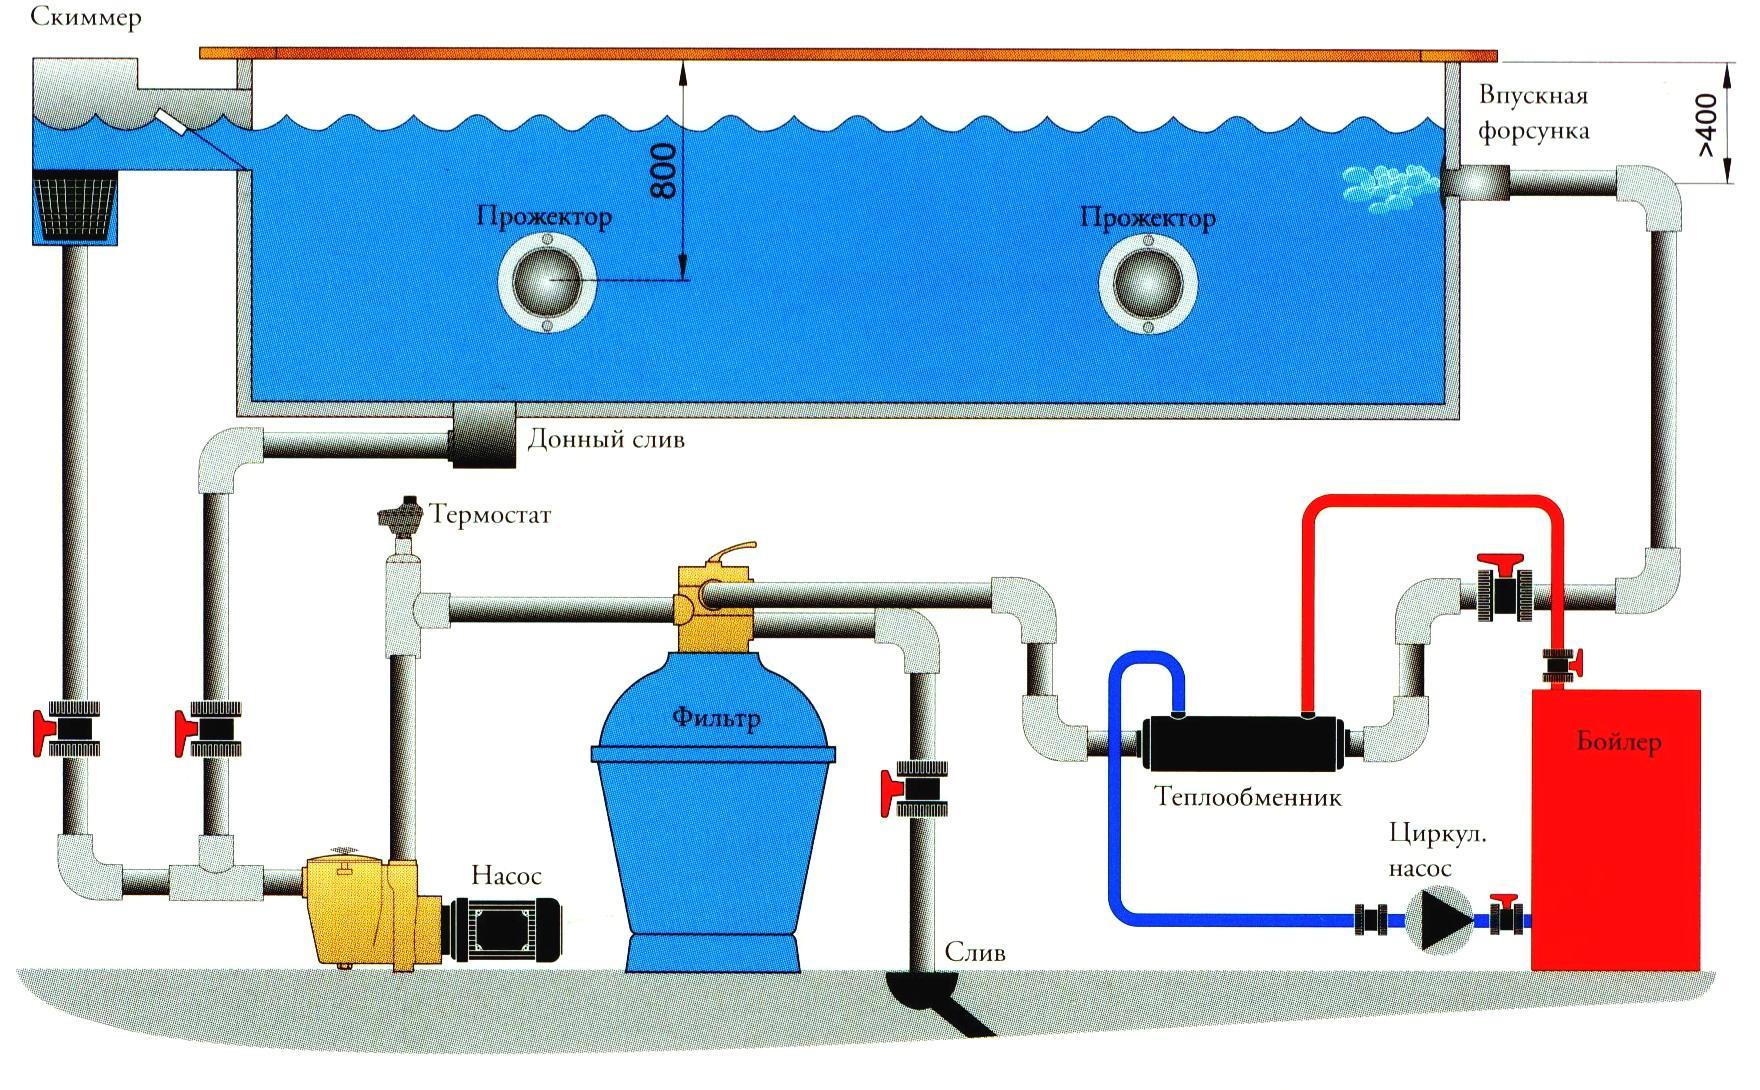 Схема монтажа теплообменника